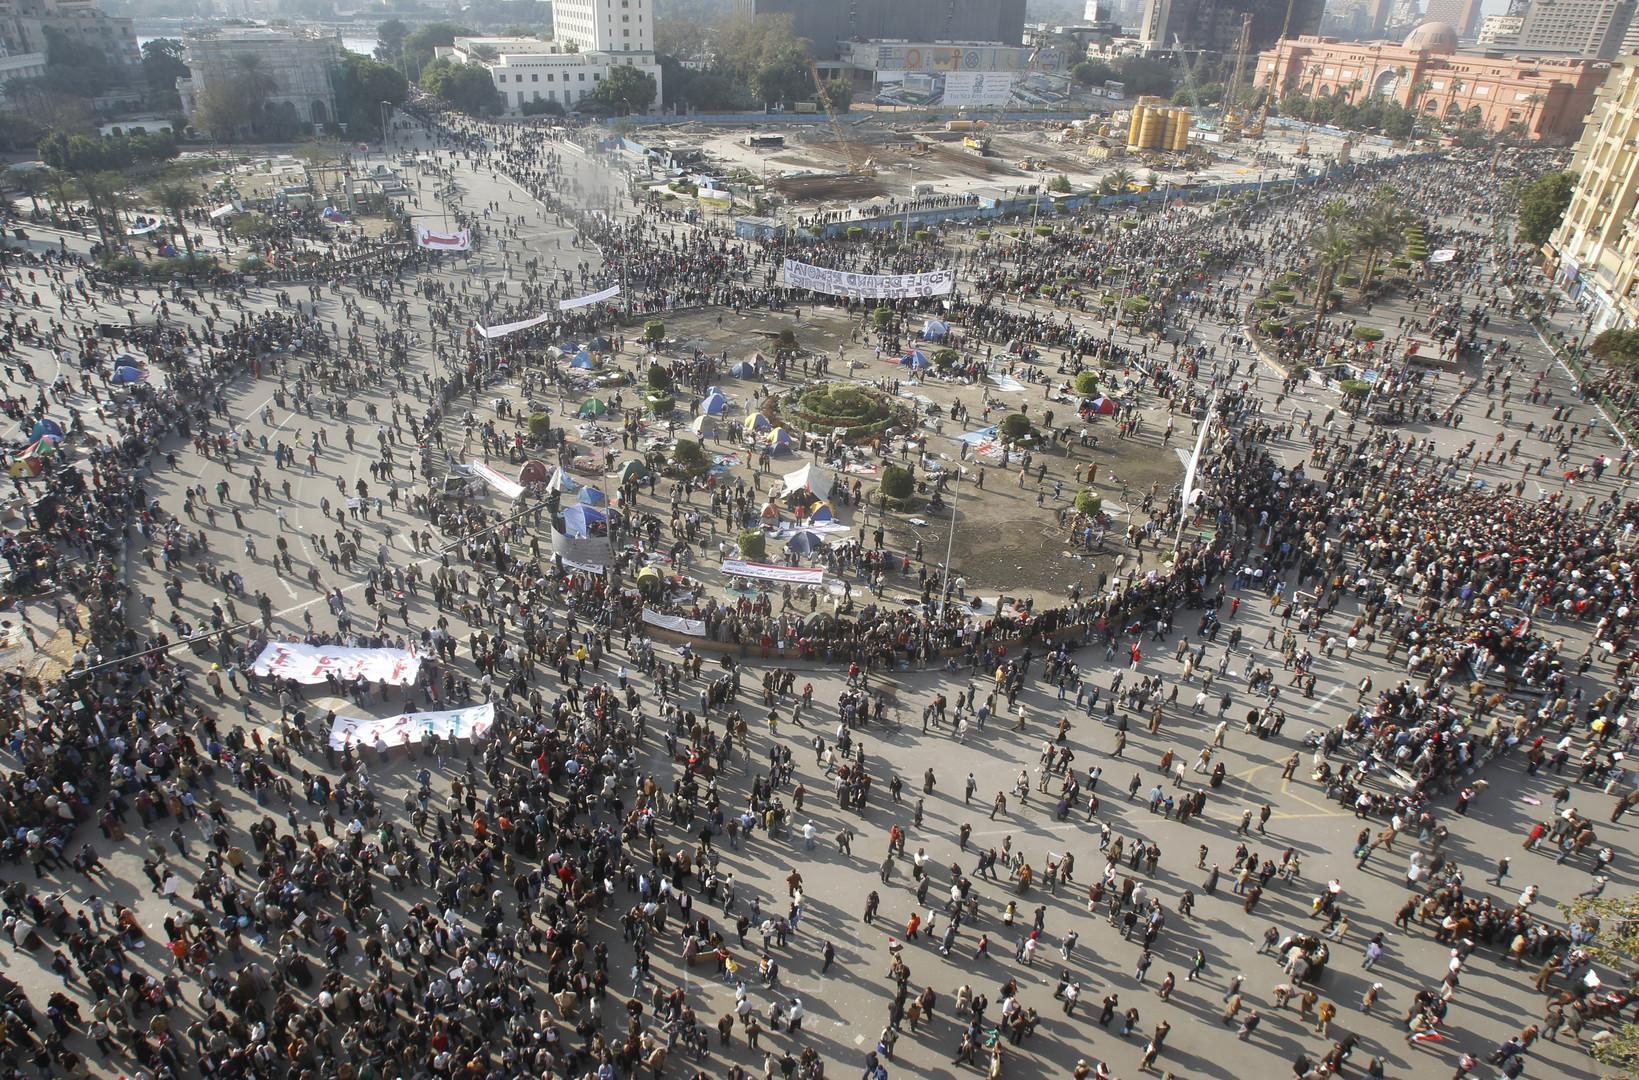 Am zweiten Februar, eine Woche nach dem Beginn der Proteste, stehen zum ersten Mal feste Infrastrukturen auf dem Platz. Die Zelte werden in den kommenden Monaten zu Mittelpunkt der ägyptischen Politik.